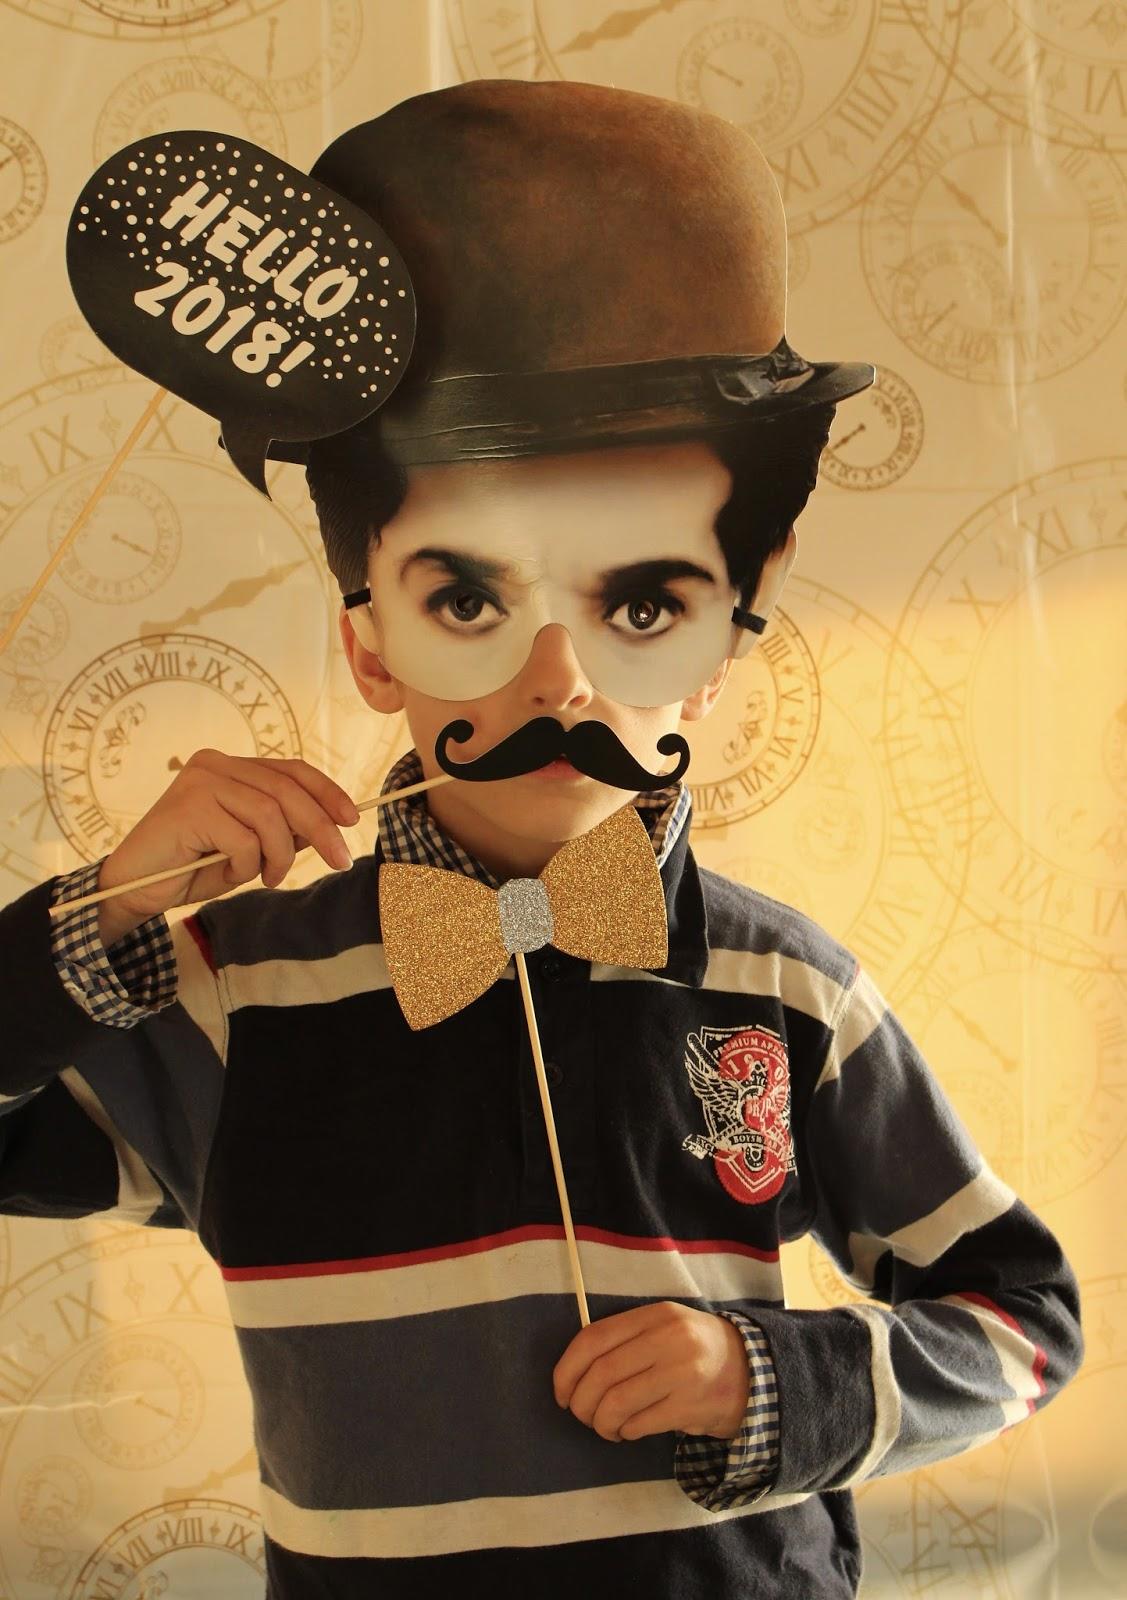 Jonathan als Charlie Chaplin - Silvester 2017